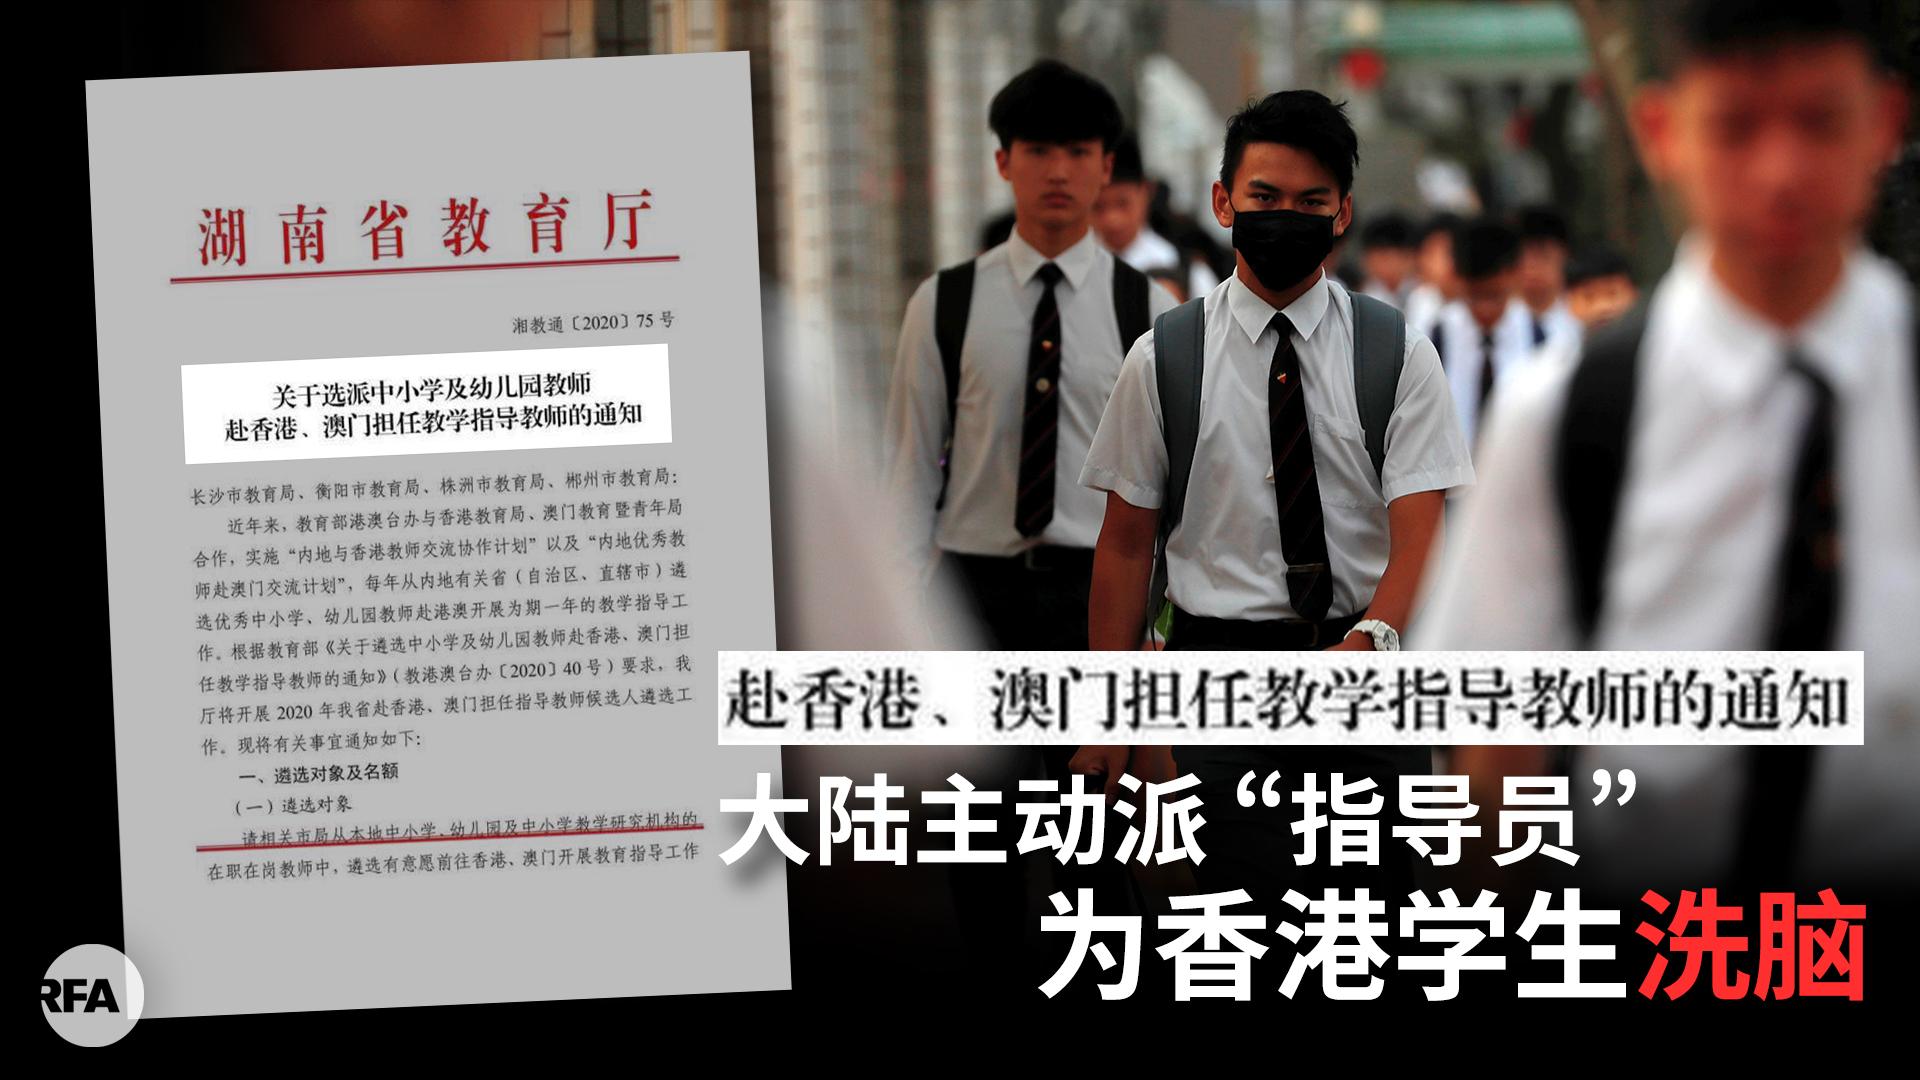 北京全国拣选党员到香港负责指导教学工作